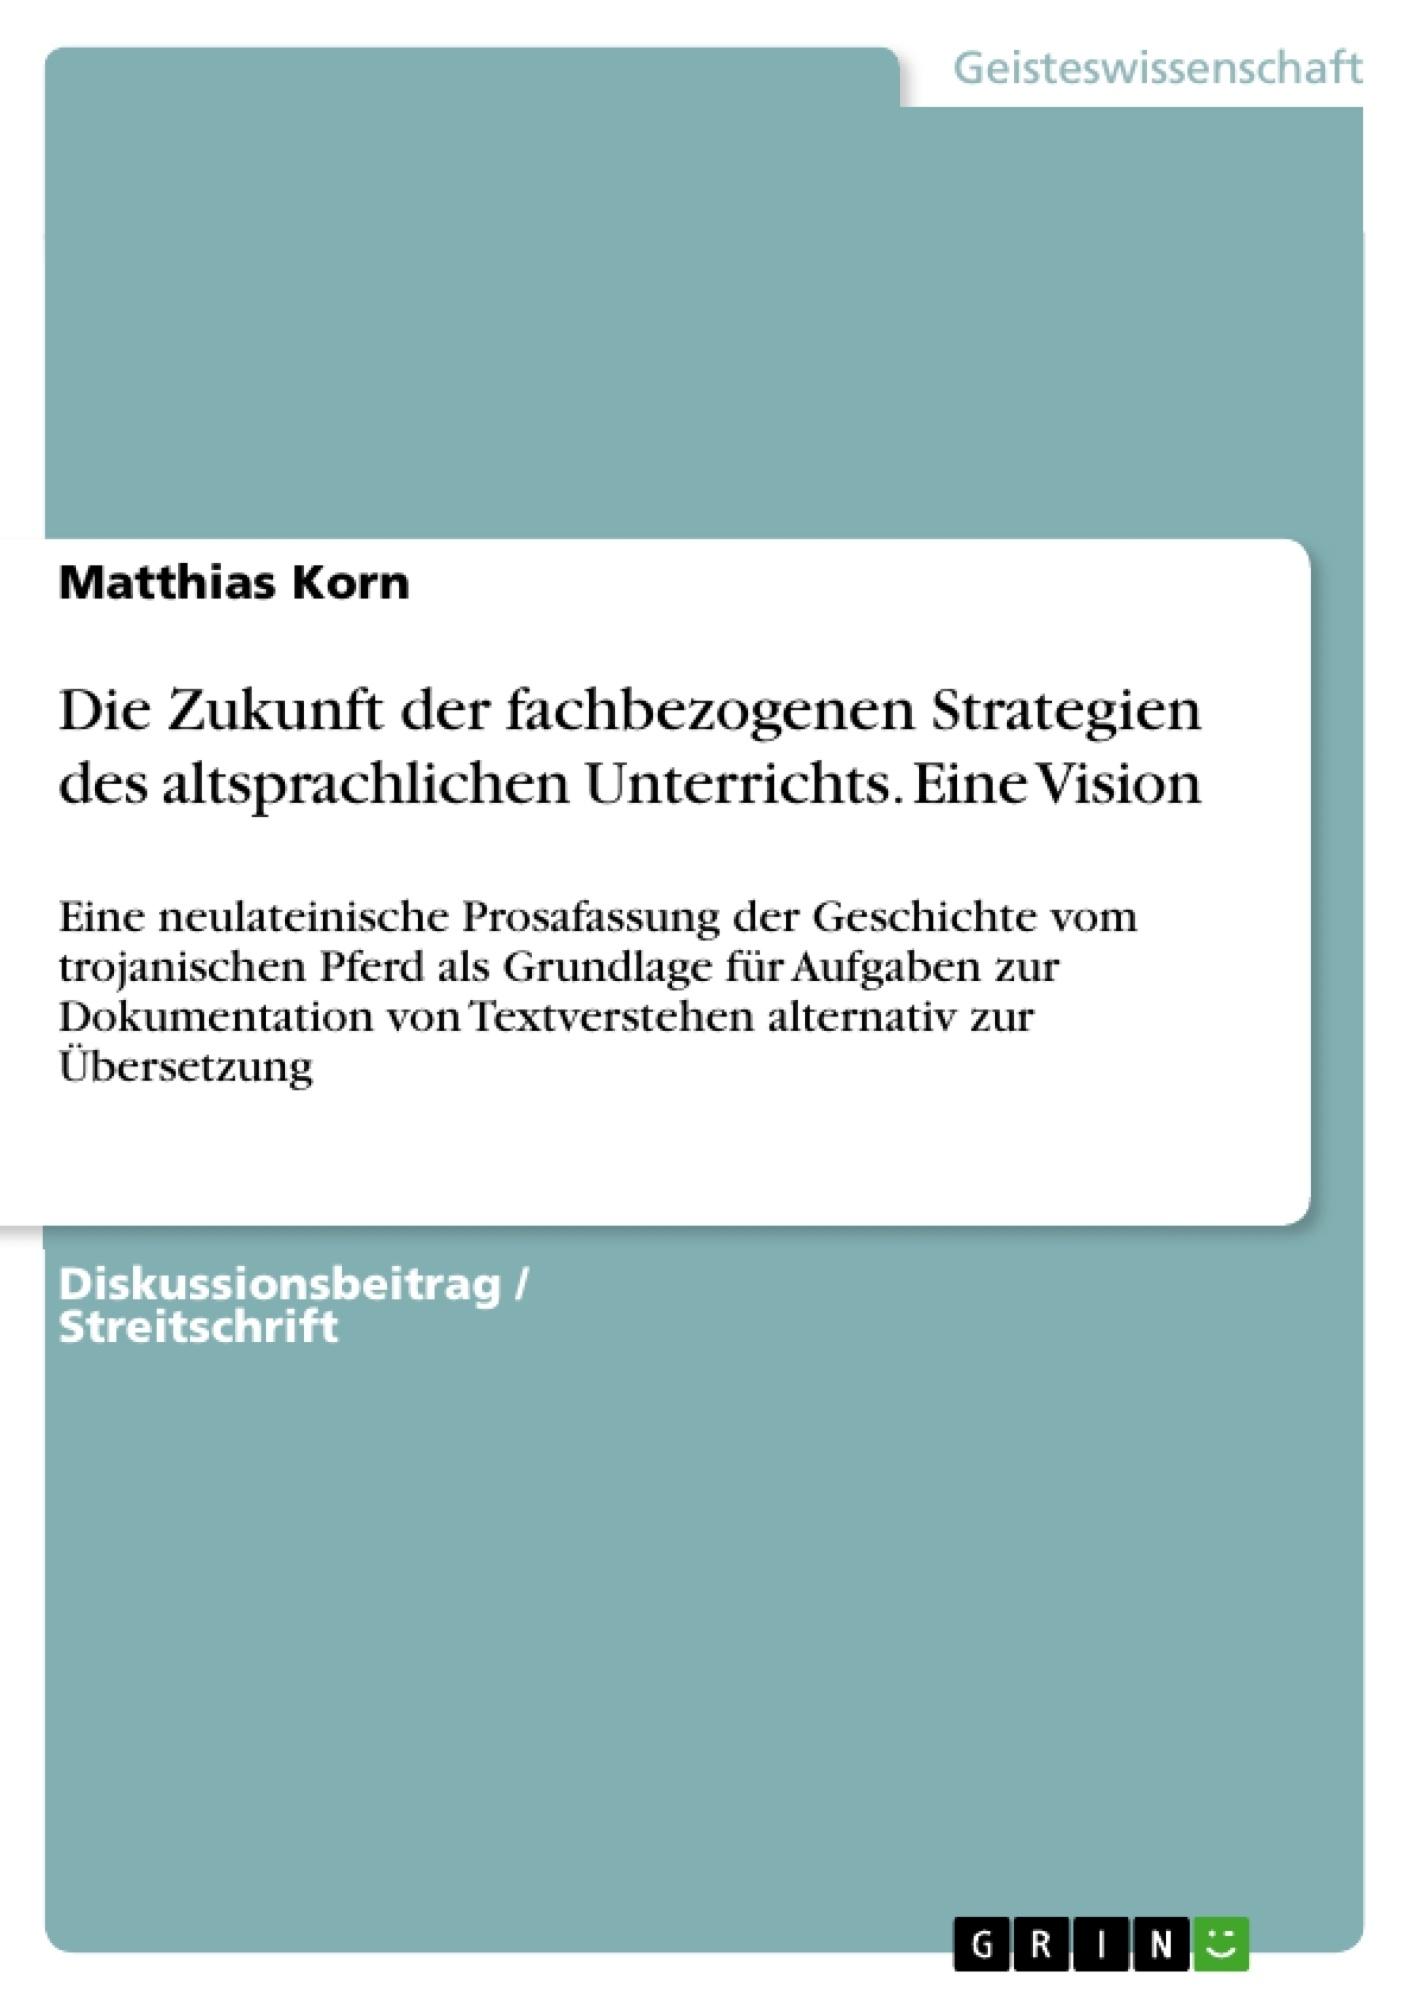 Titel: Die Zukunft der fachbezogenen Strategien des altsprachlichen Unterrichts. Eine Vision